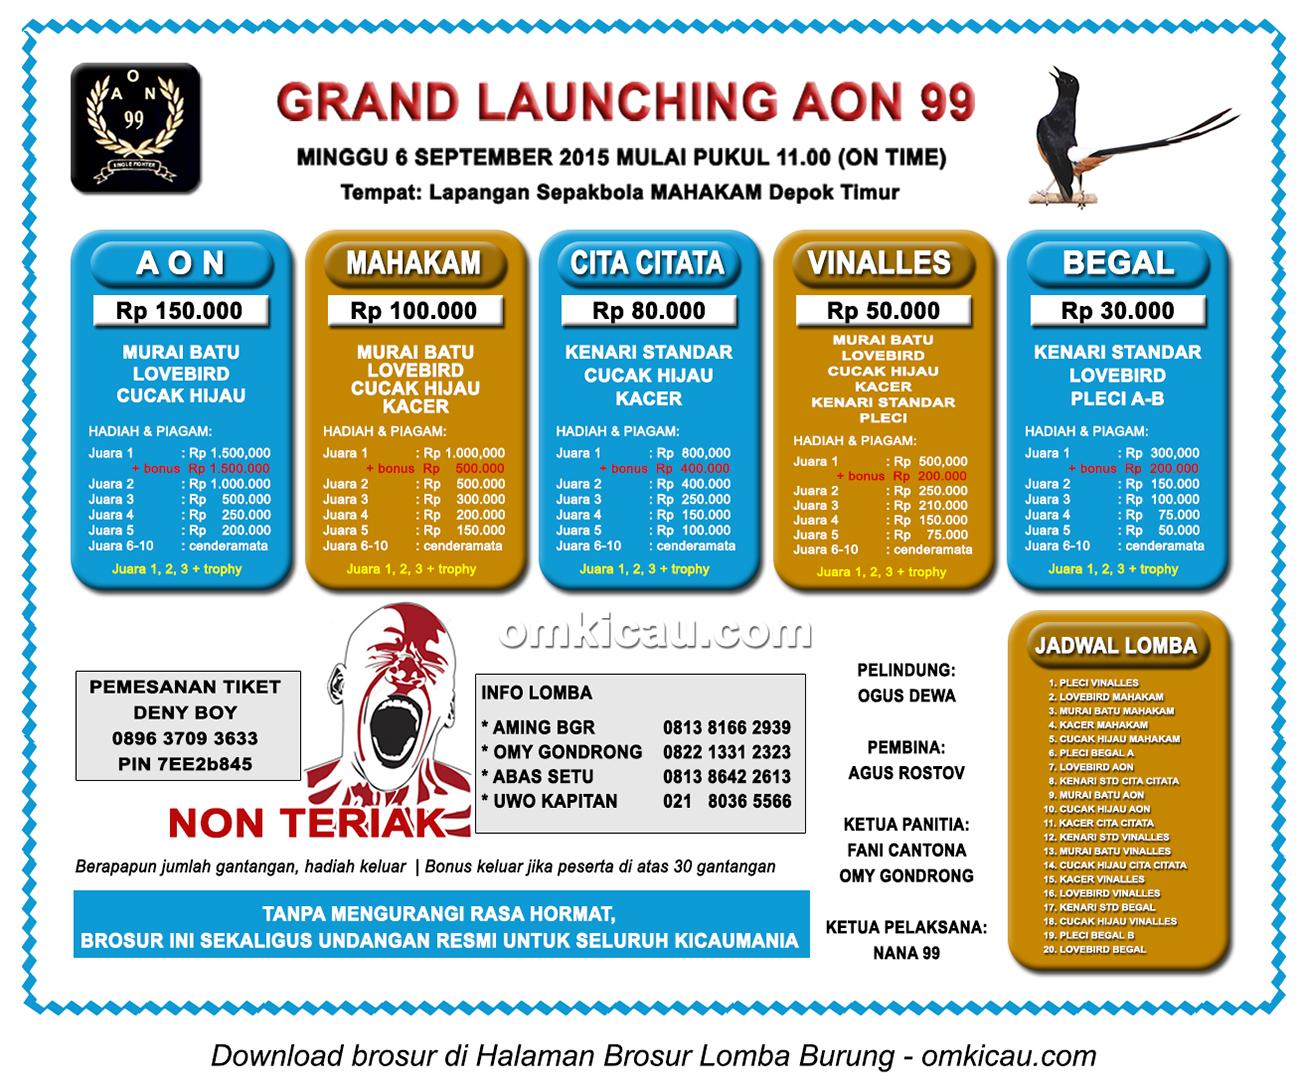 Brosur Lomba Burung Berkicau Launching AON 99, Depok Timur, 6 September 2015